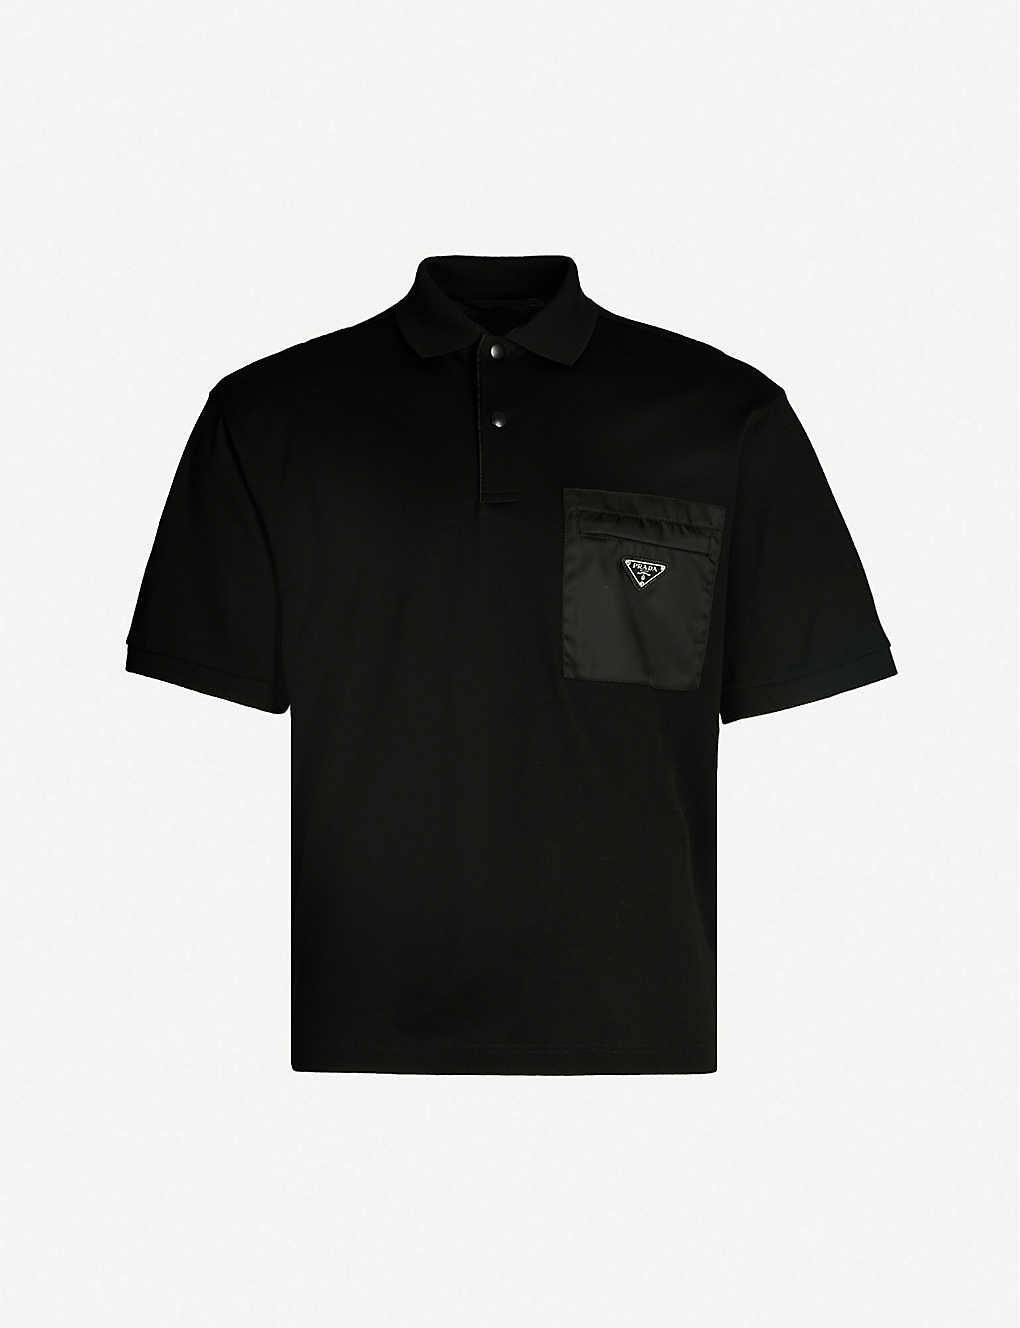 f251d2e4 PRADA - Logo-patch cotton-piqué polo shirt   Selfridges.com